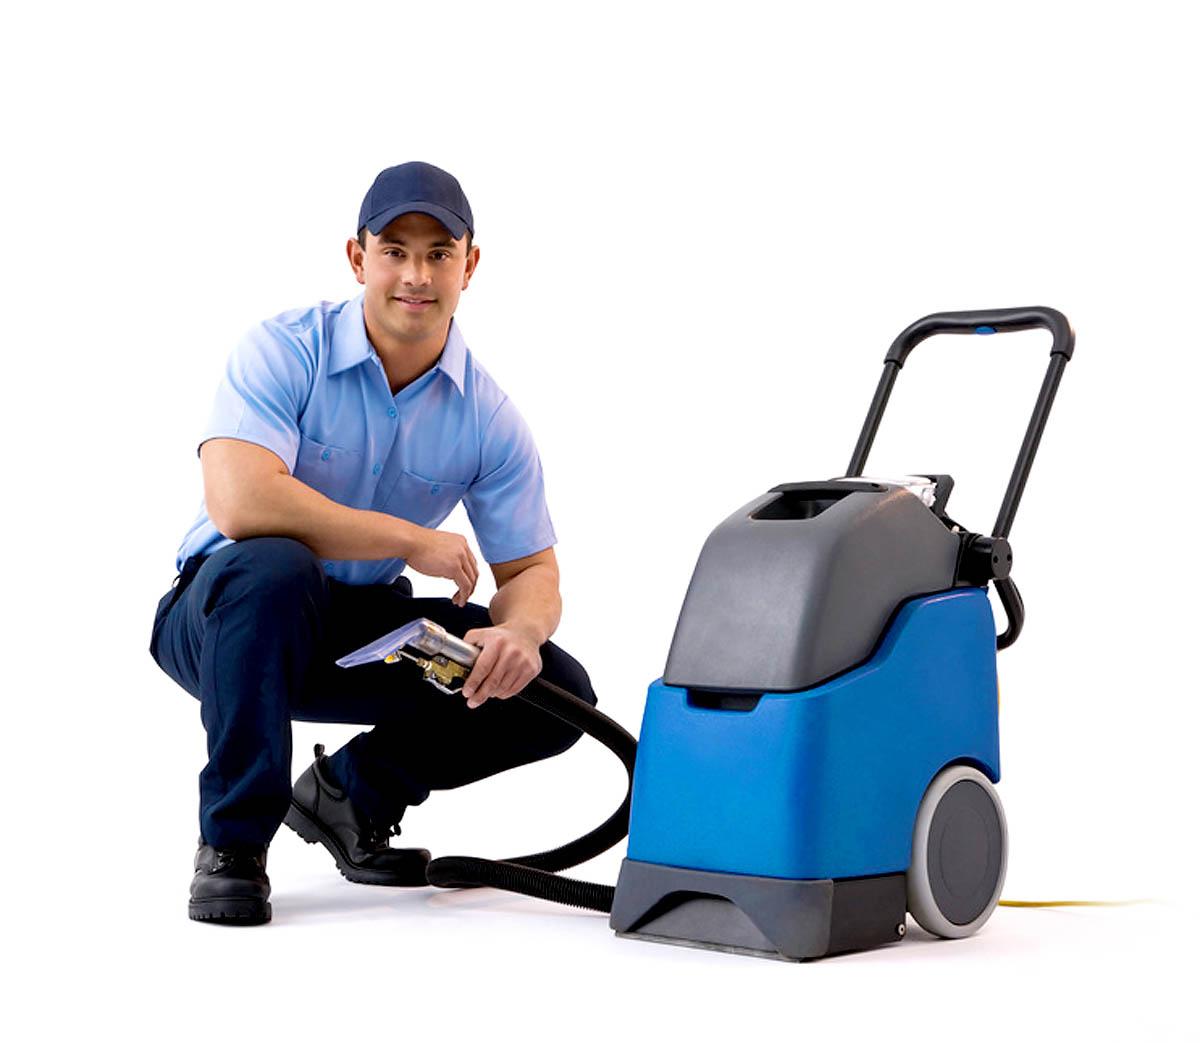 Servicio de limpieza archivos conslymp servicios de limpieza en madrid - Servicio de limpieza para casas ...